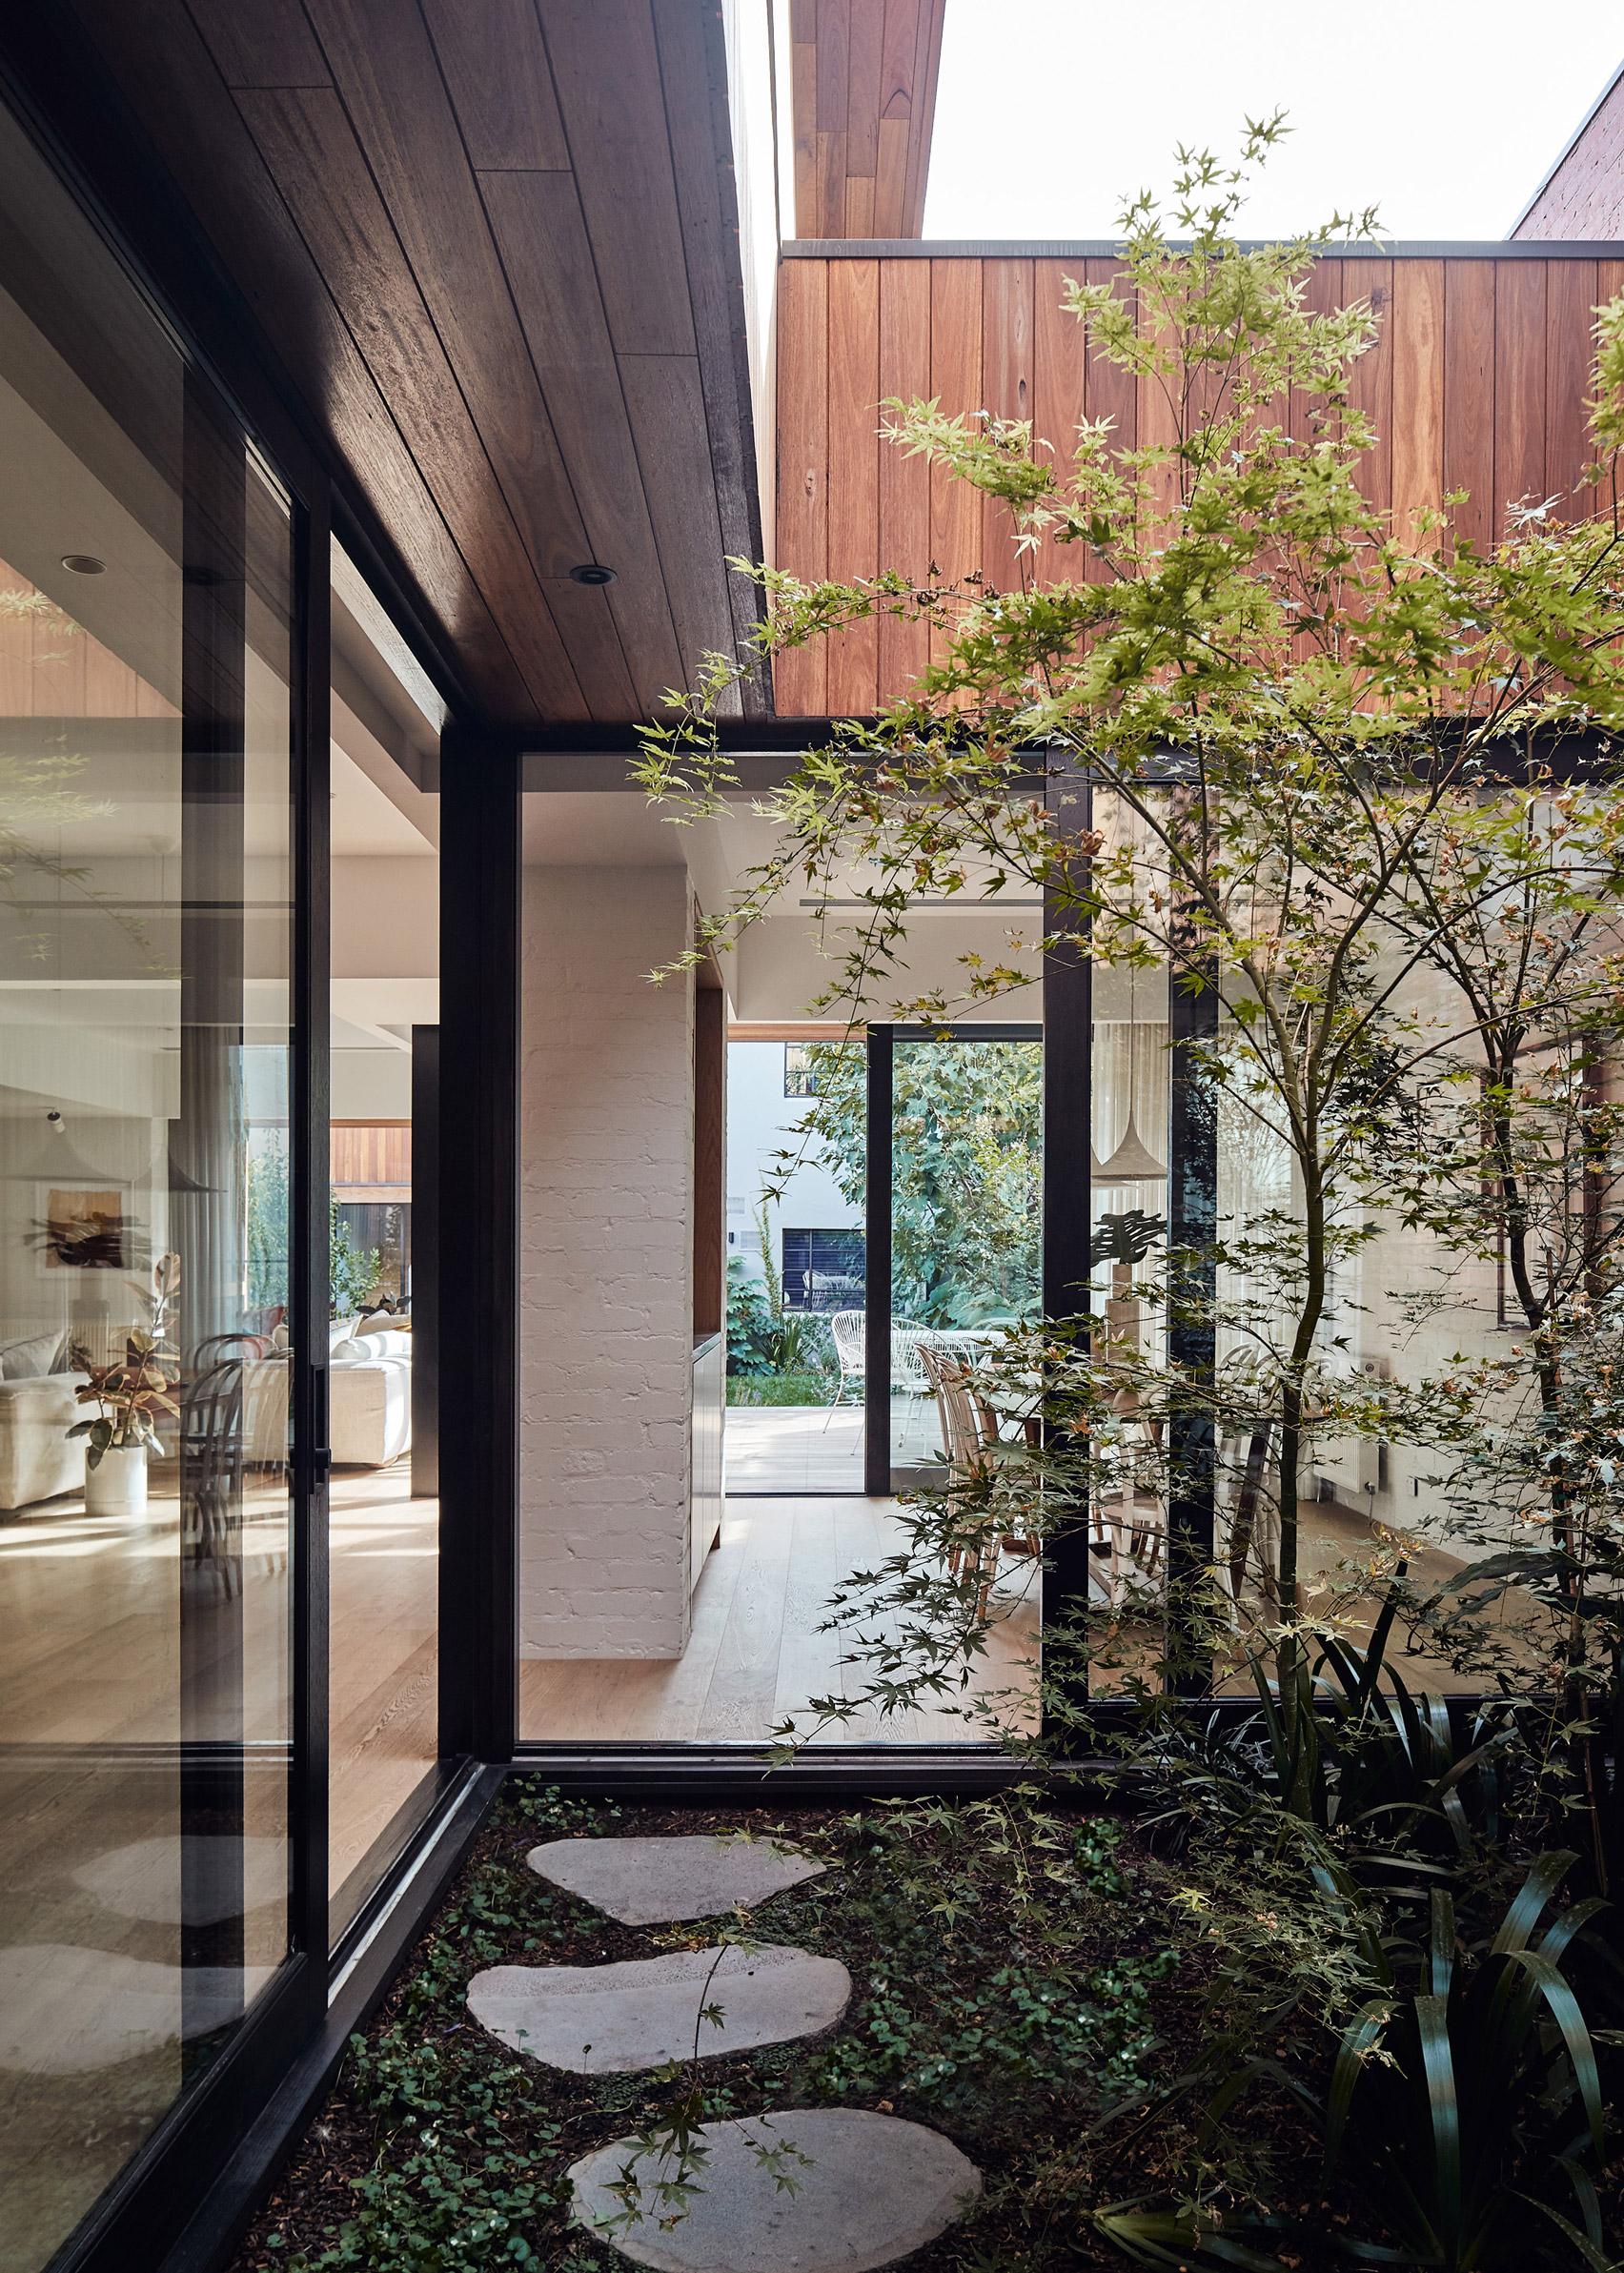 Thiết kế nội thất căn hộ đẹp 8